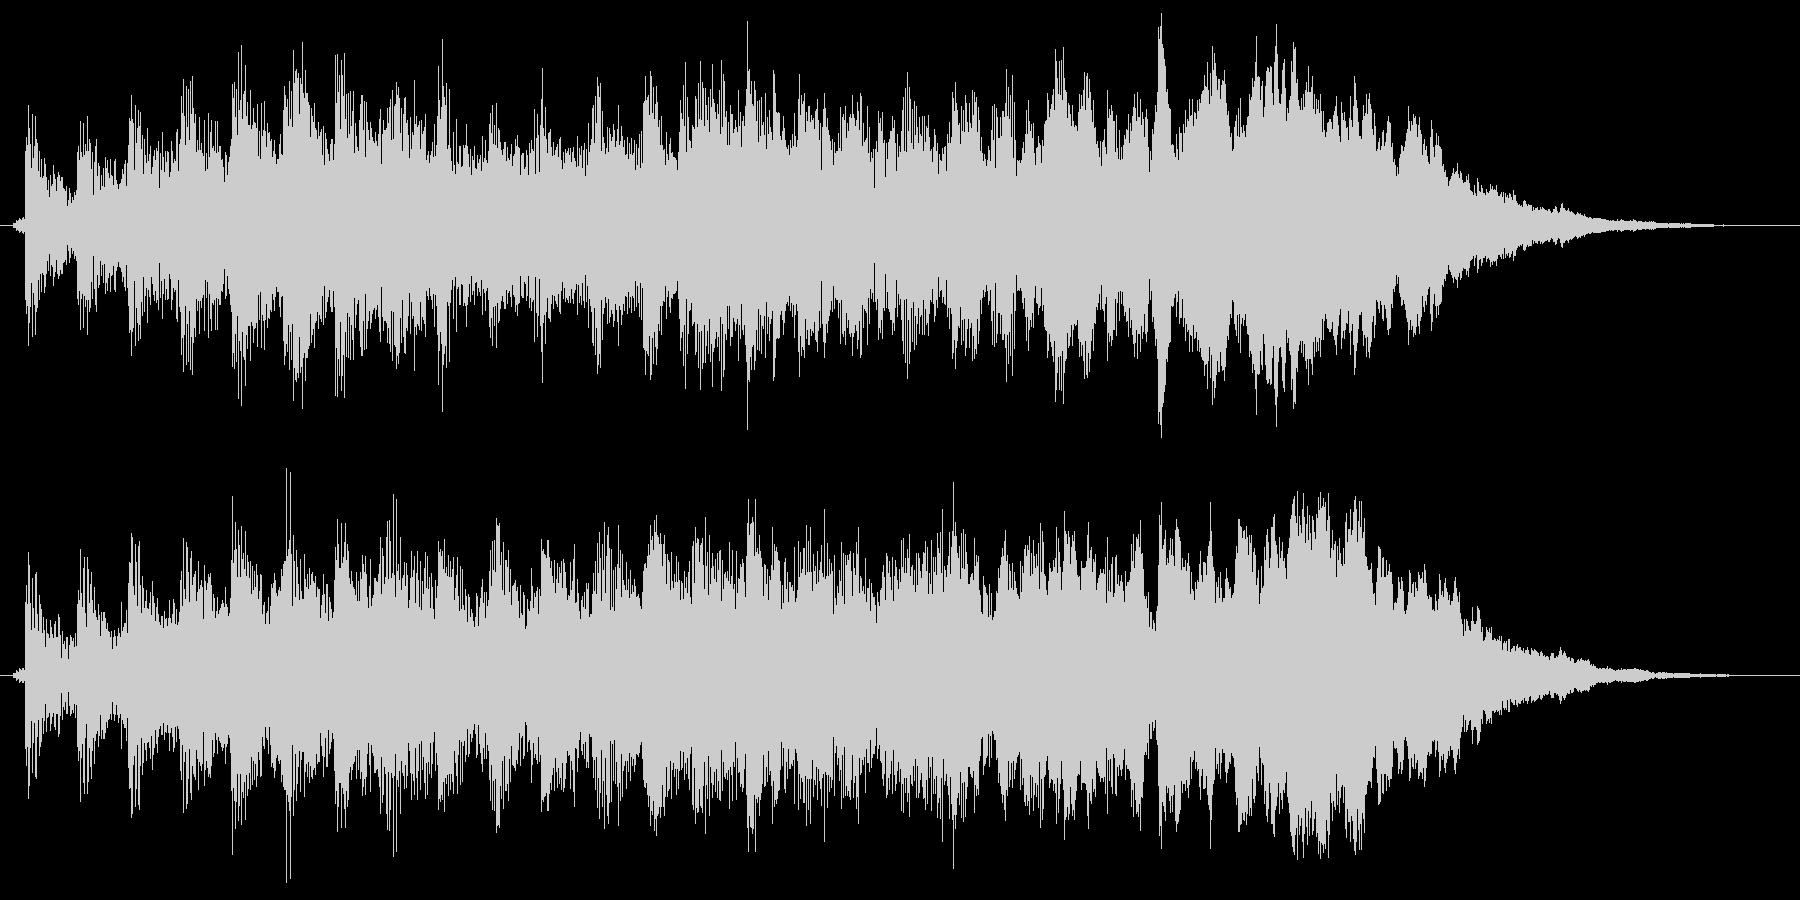 シンセサイザーの爽やかサウンドロゴの未再生の波形